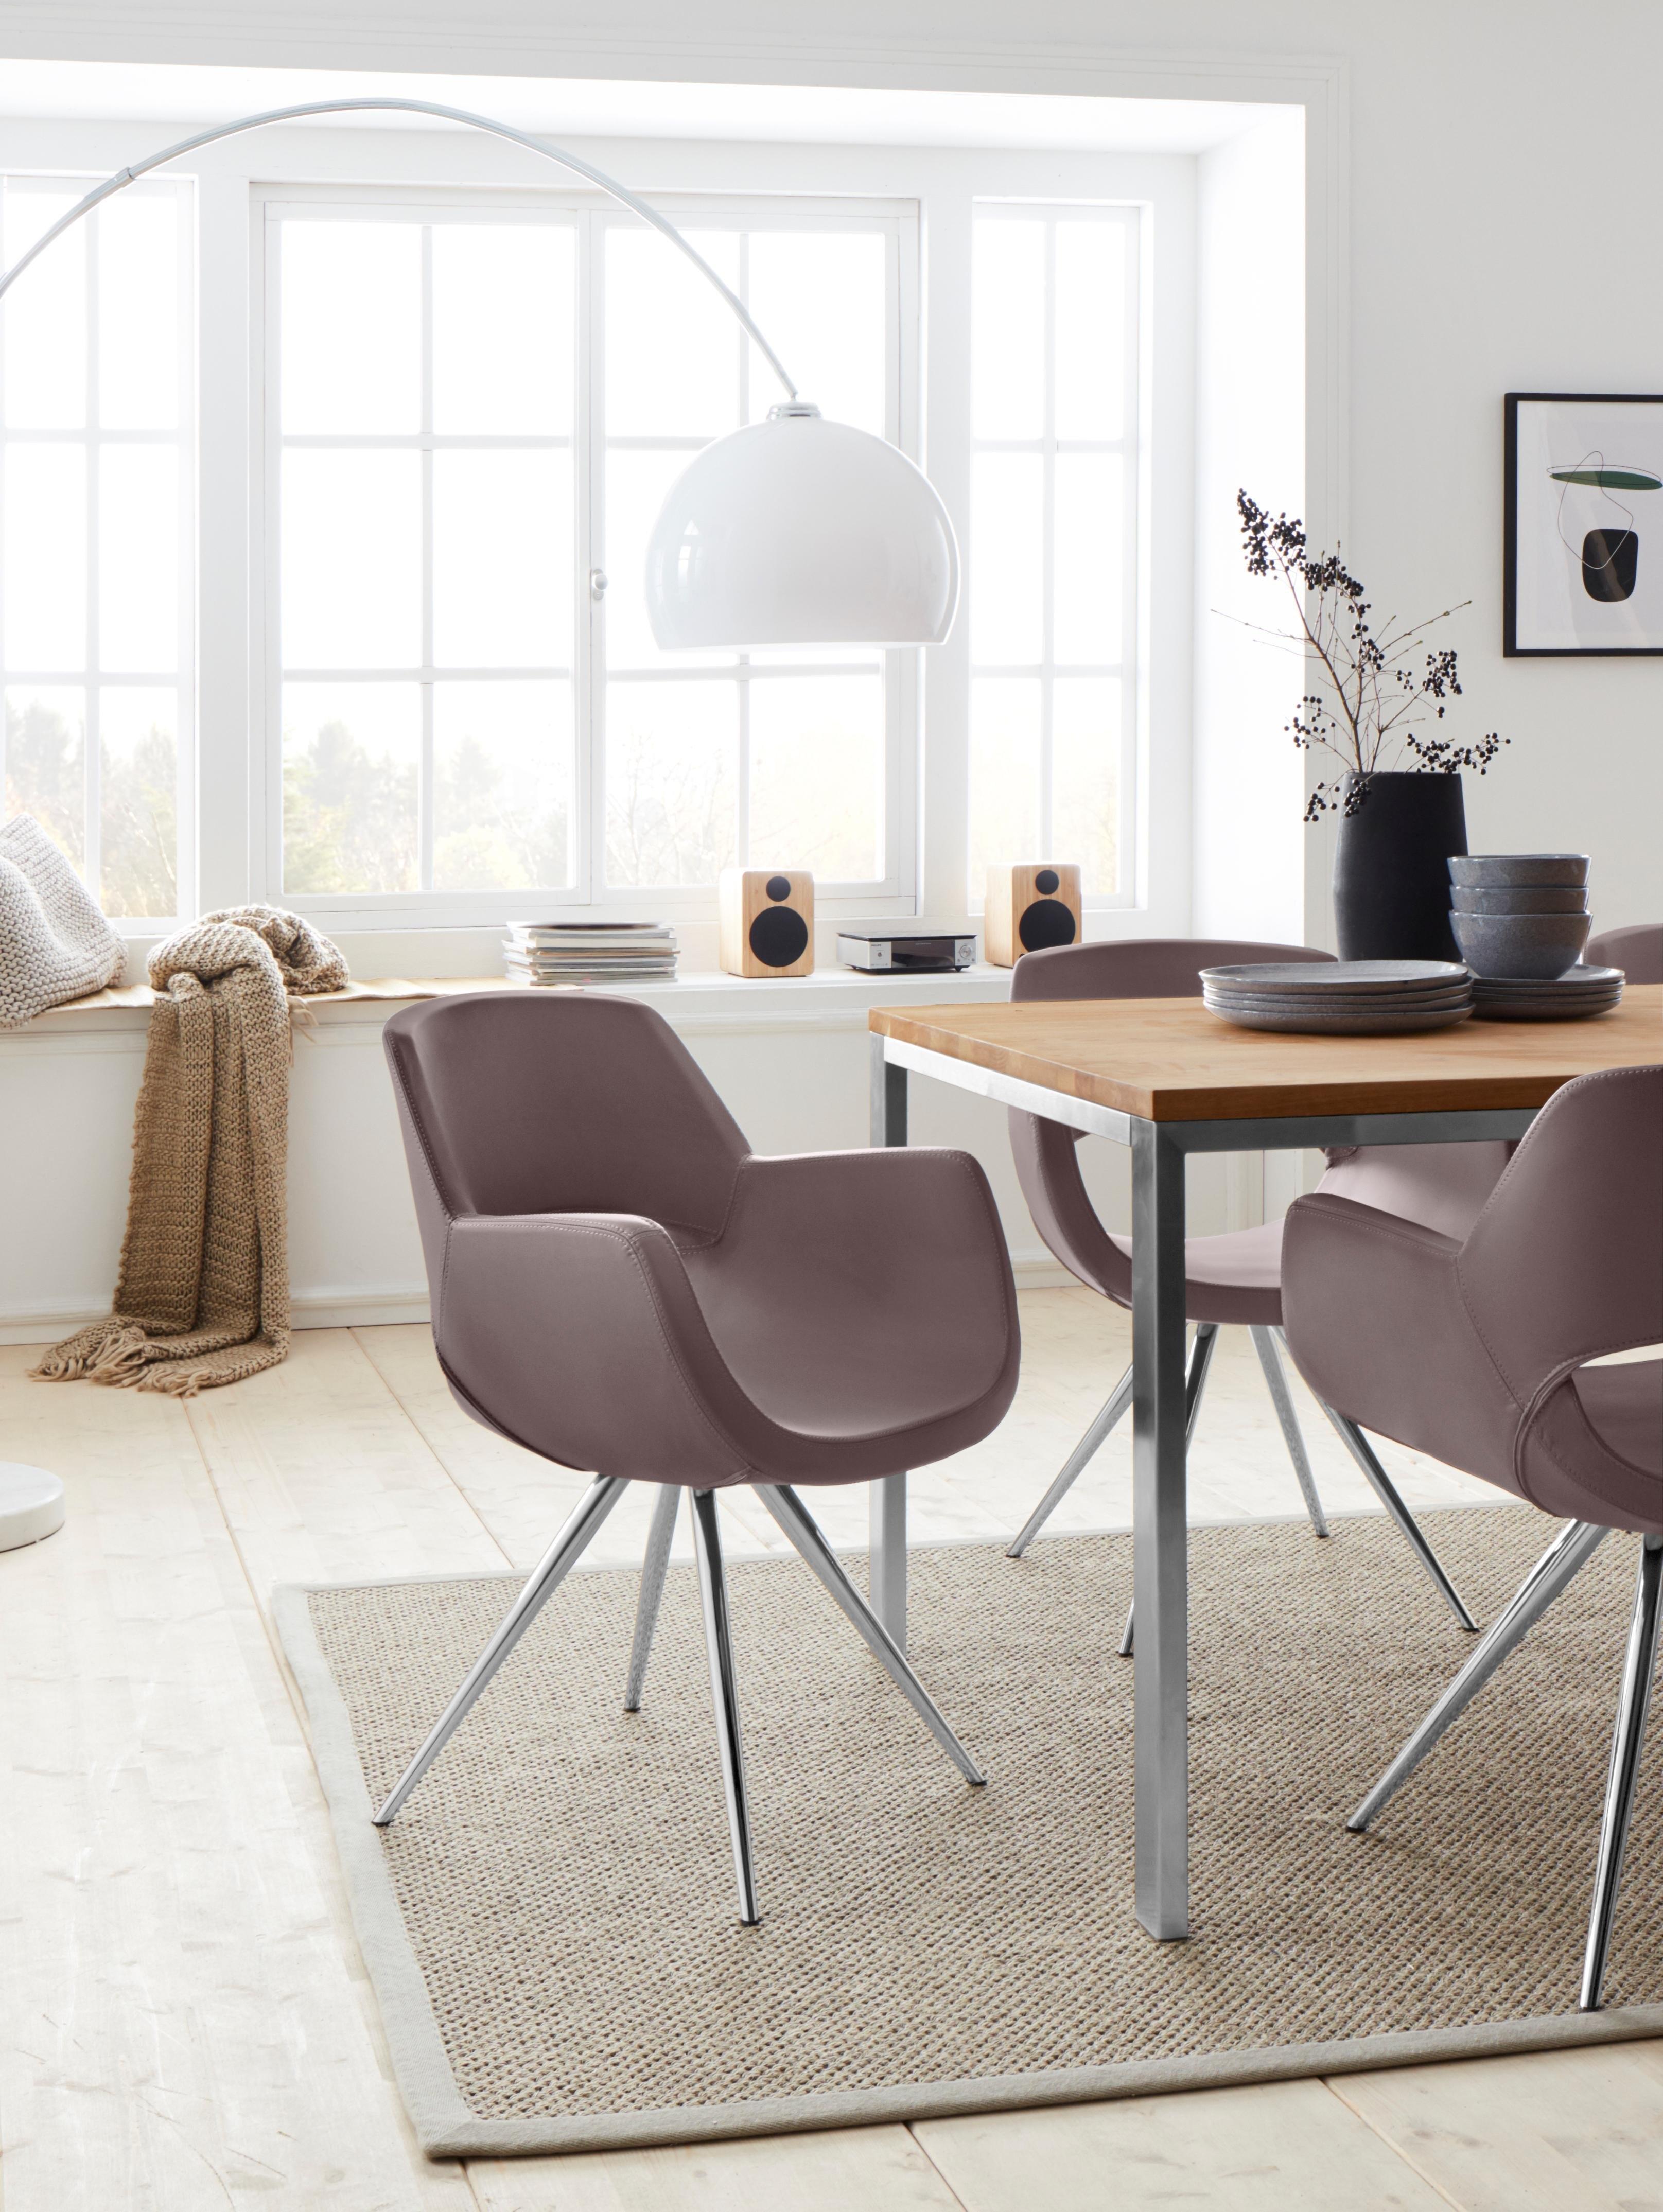 andas stoel met armleuningen Chiara met metalen poten in duidelijke, eenvoudige vormtaal online kopen op otto.nl